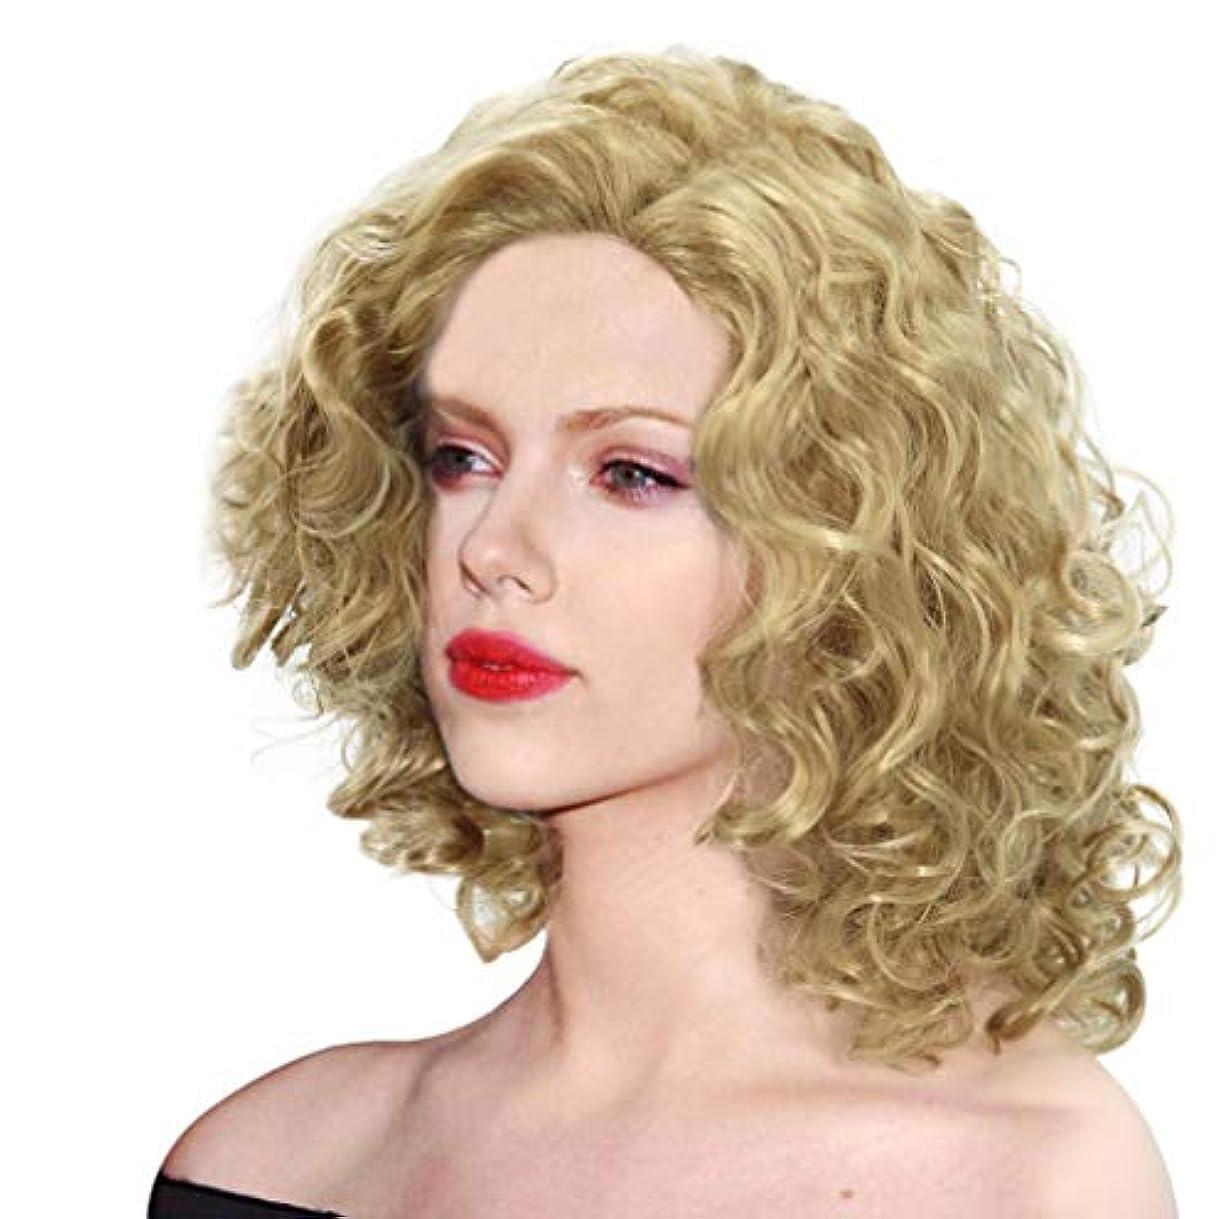 一貫性のないつぶすどこ女性かつら人工毛ウィッグ波状わずかに赤ん坊の毛150%密度に適したハロウィーンコスプレゴールド42 cm